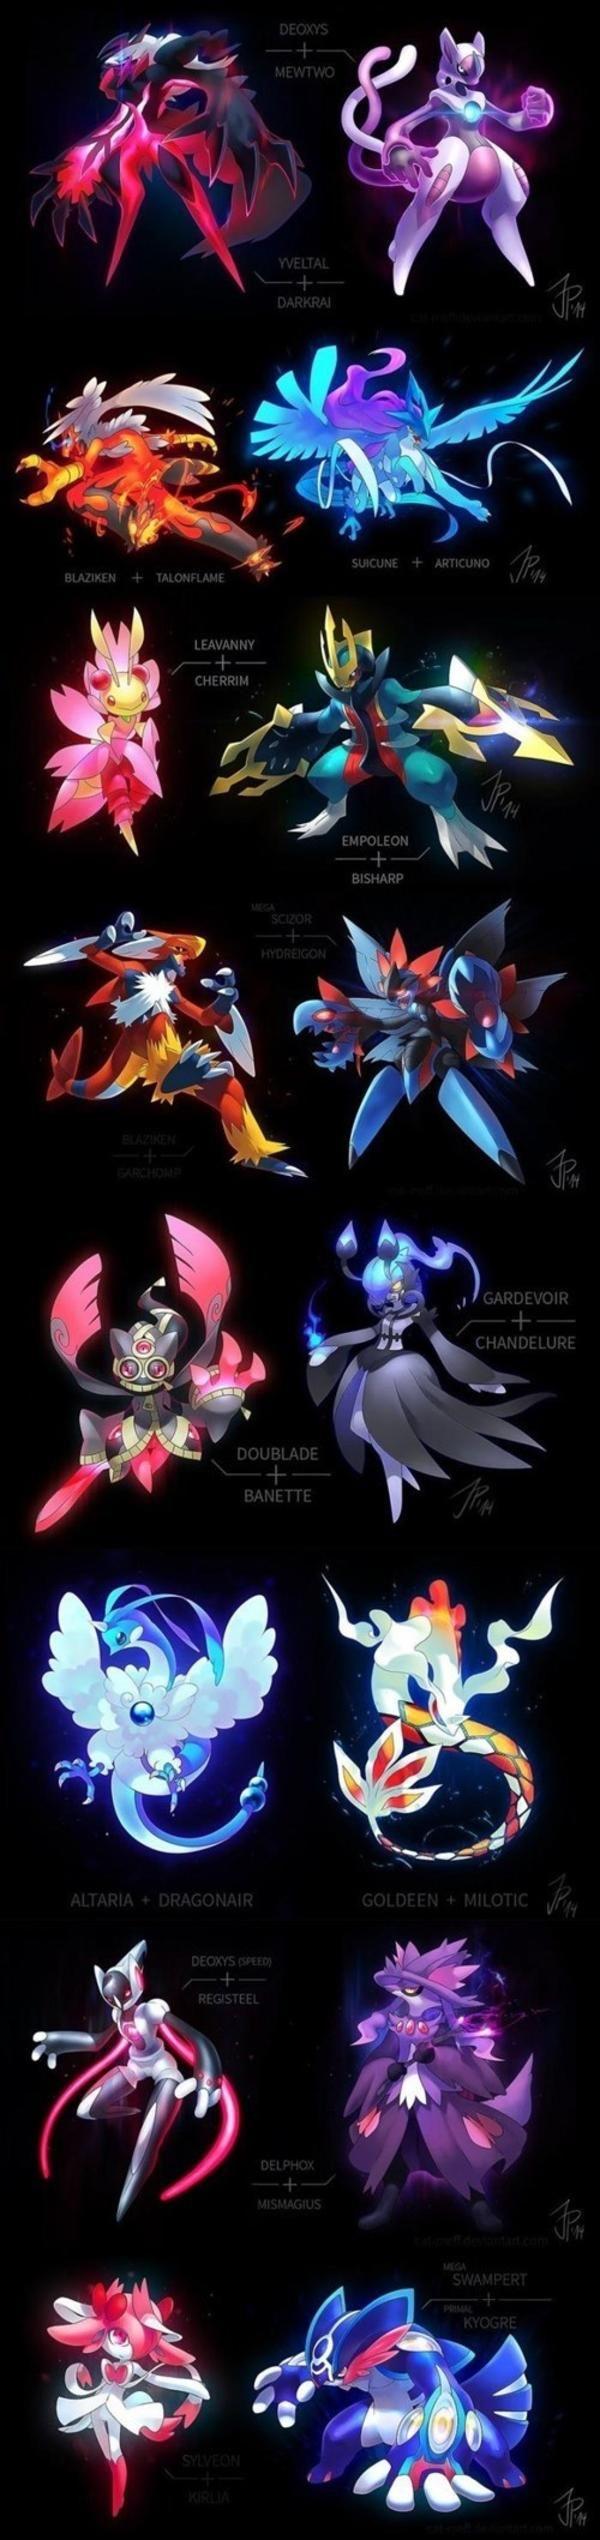 Pokemon fusion compilation | Pokefusion / Pokemon Fusion | Know Your Meme